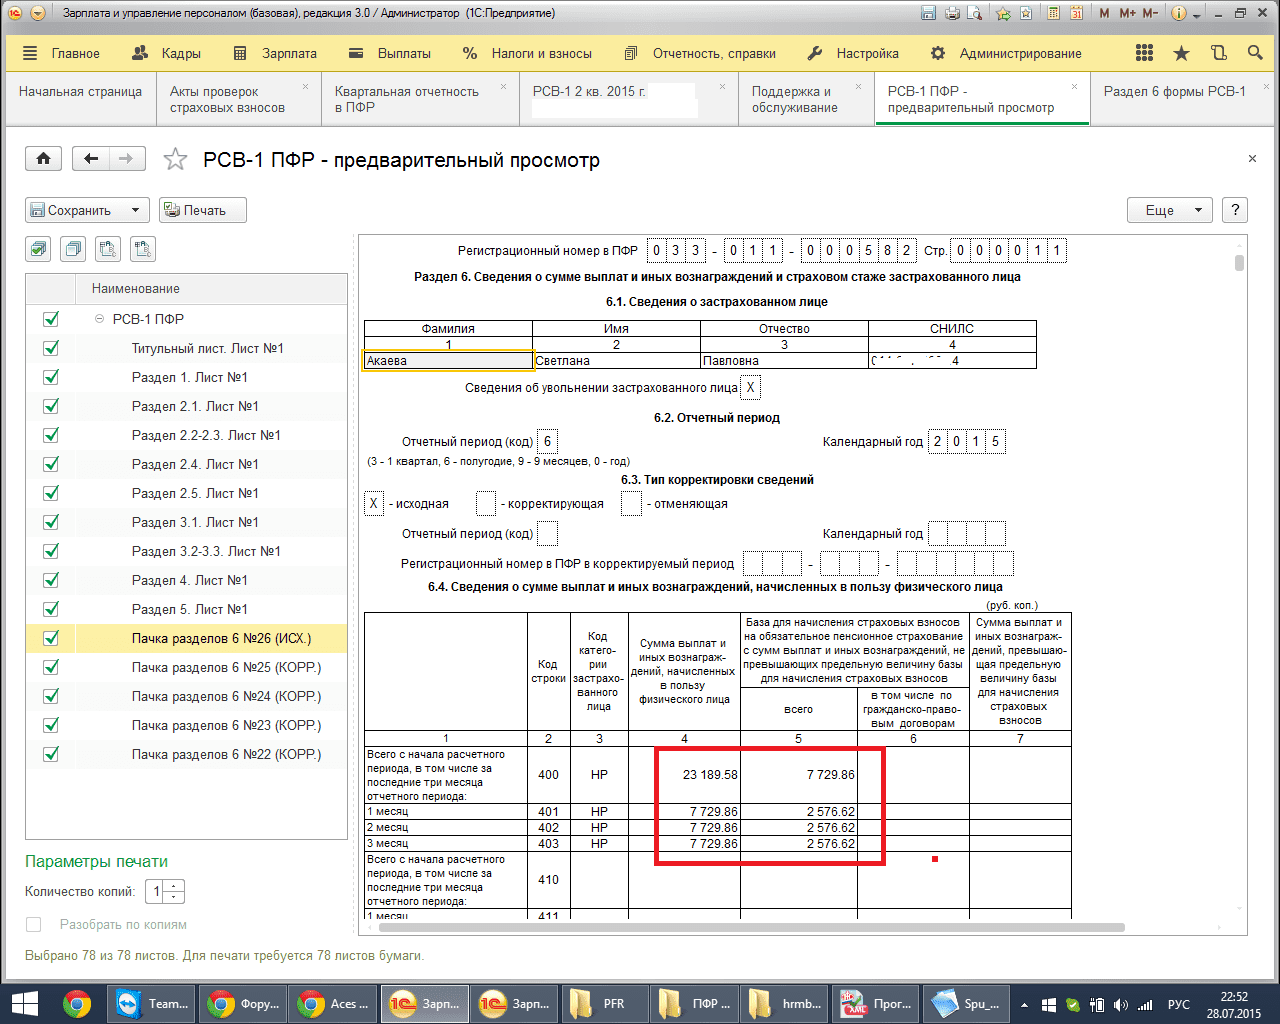 Как сделать корректировку рсв-1 за 3 квартал 2016 в 1с зуп